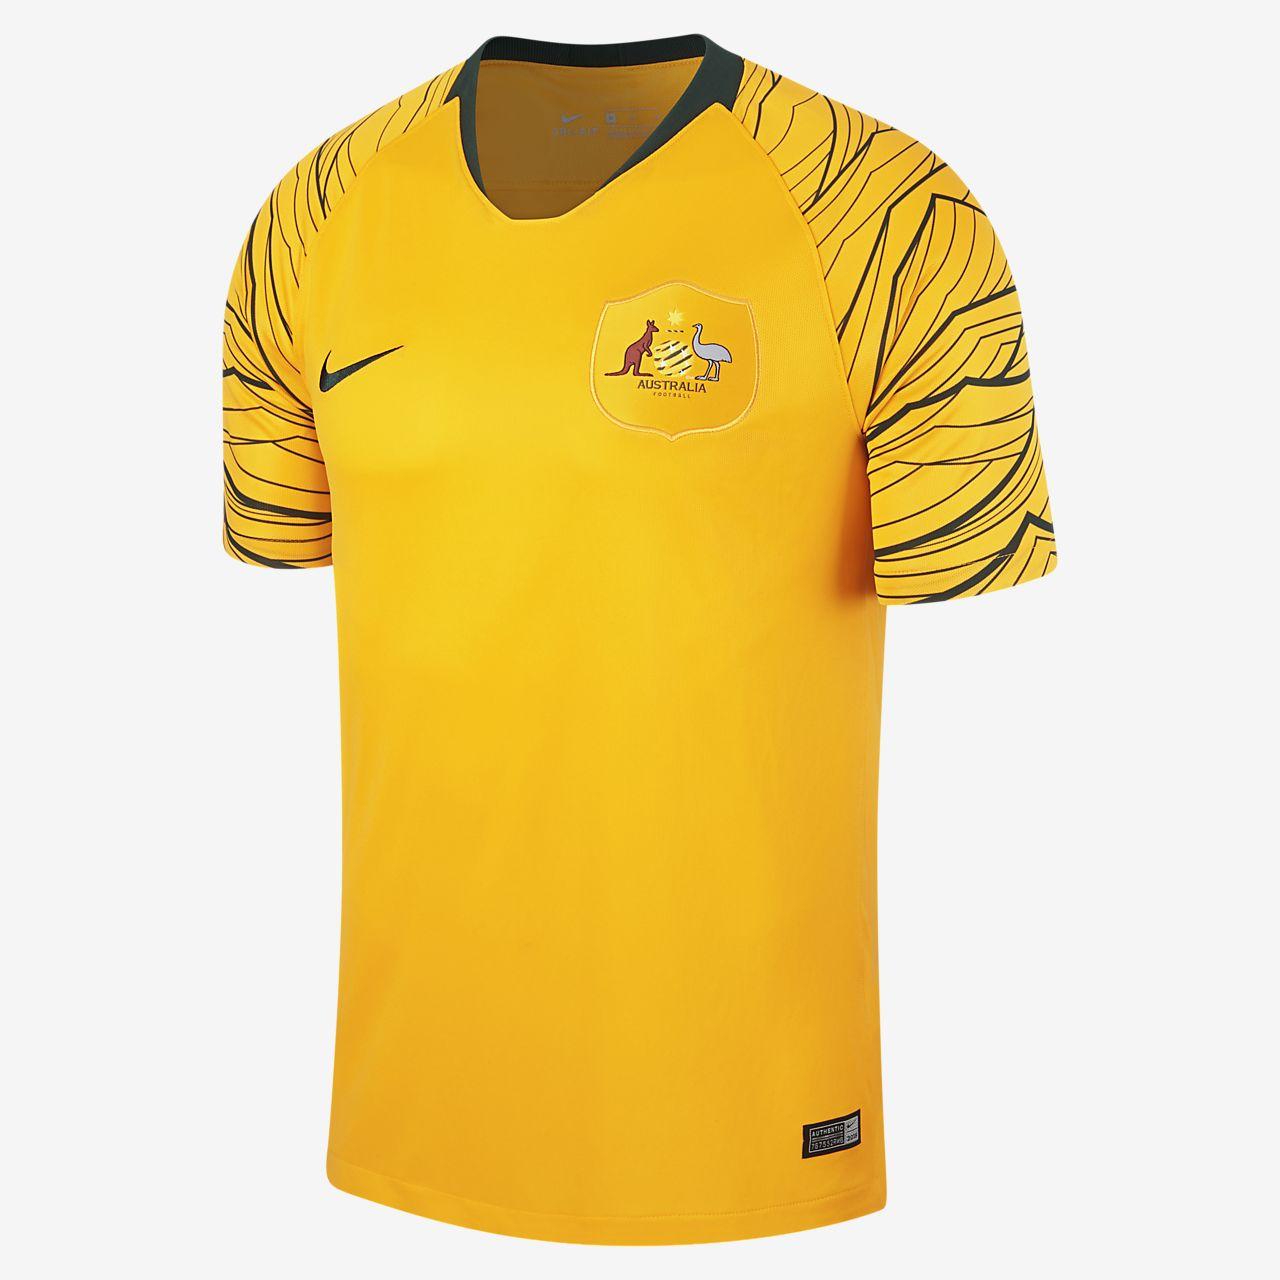 Camiseta de fútbol para hombre 2018 Australia Stadium Home. Nike.com CL a0c94774d58d3